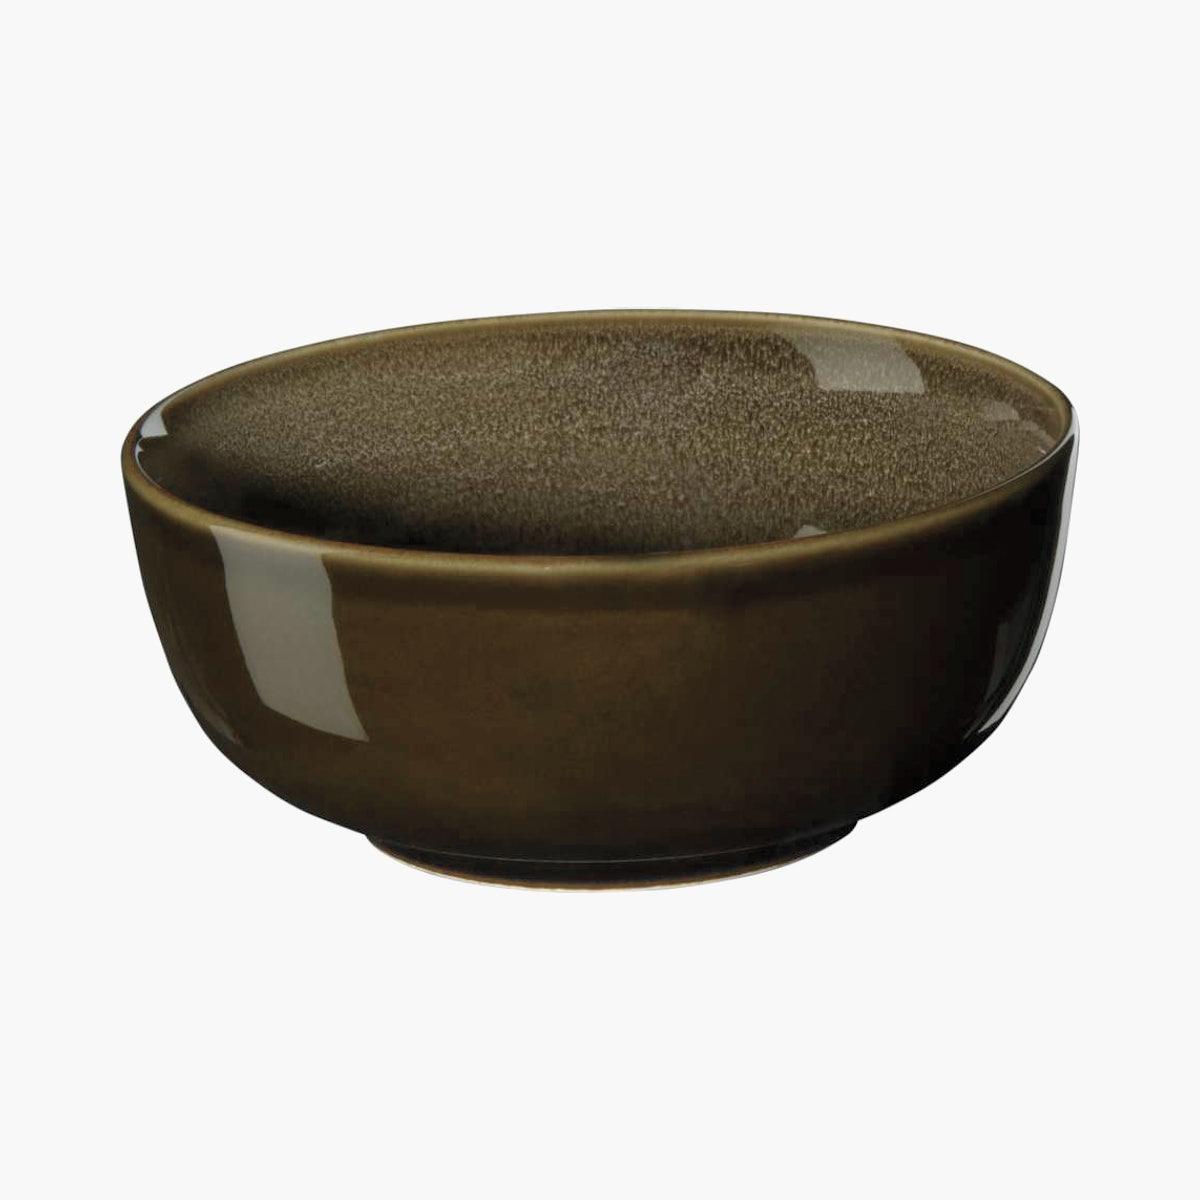 Kolibri Bowl